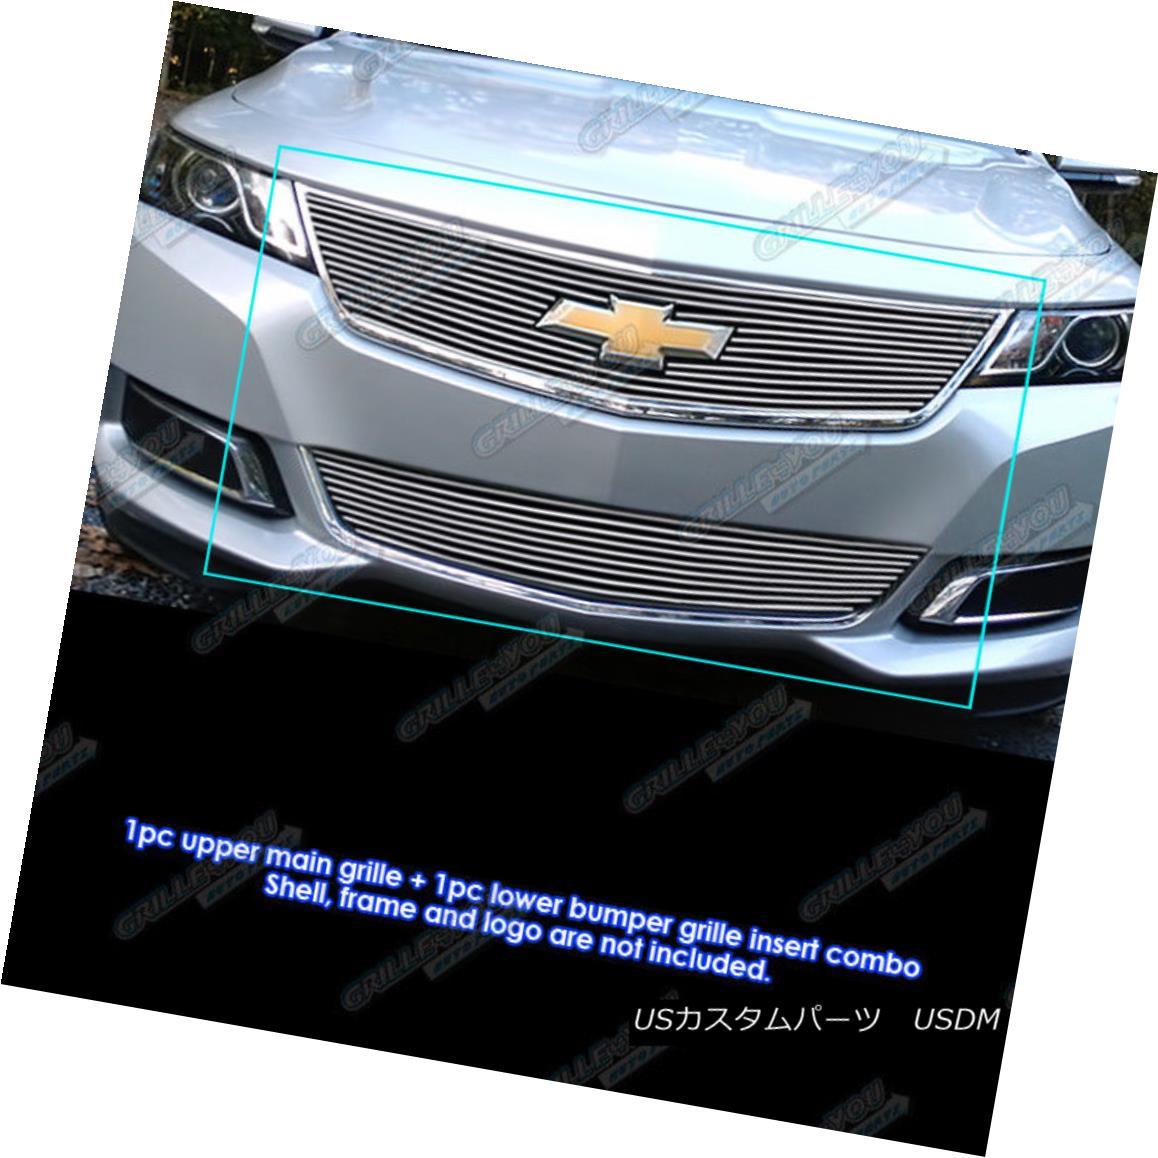 グリル Fits 2014-2015 Chevy Impala with Logo Show Billet Grille Combo フィット2014-2015シボレーインパラロゴショービレットグリルコンボ